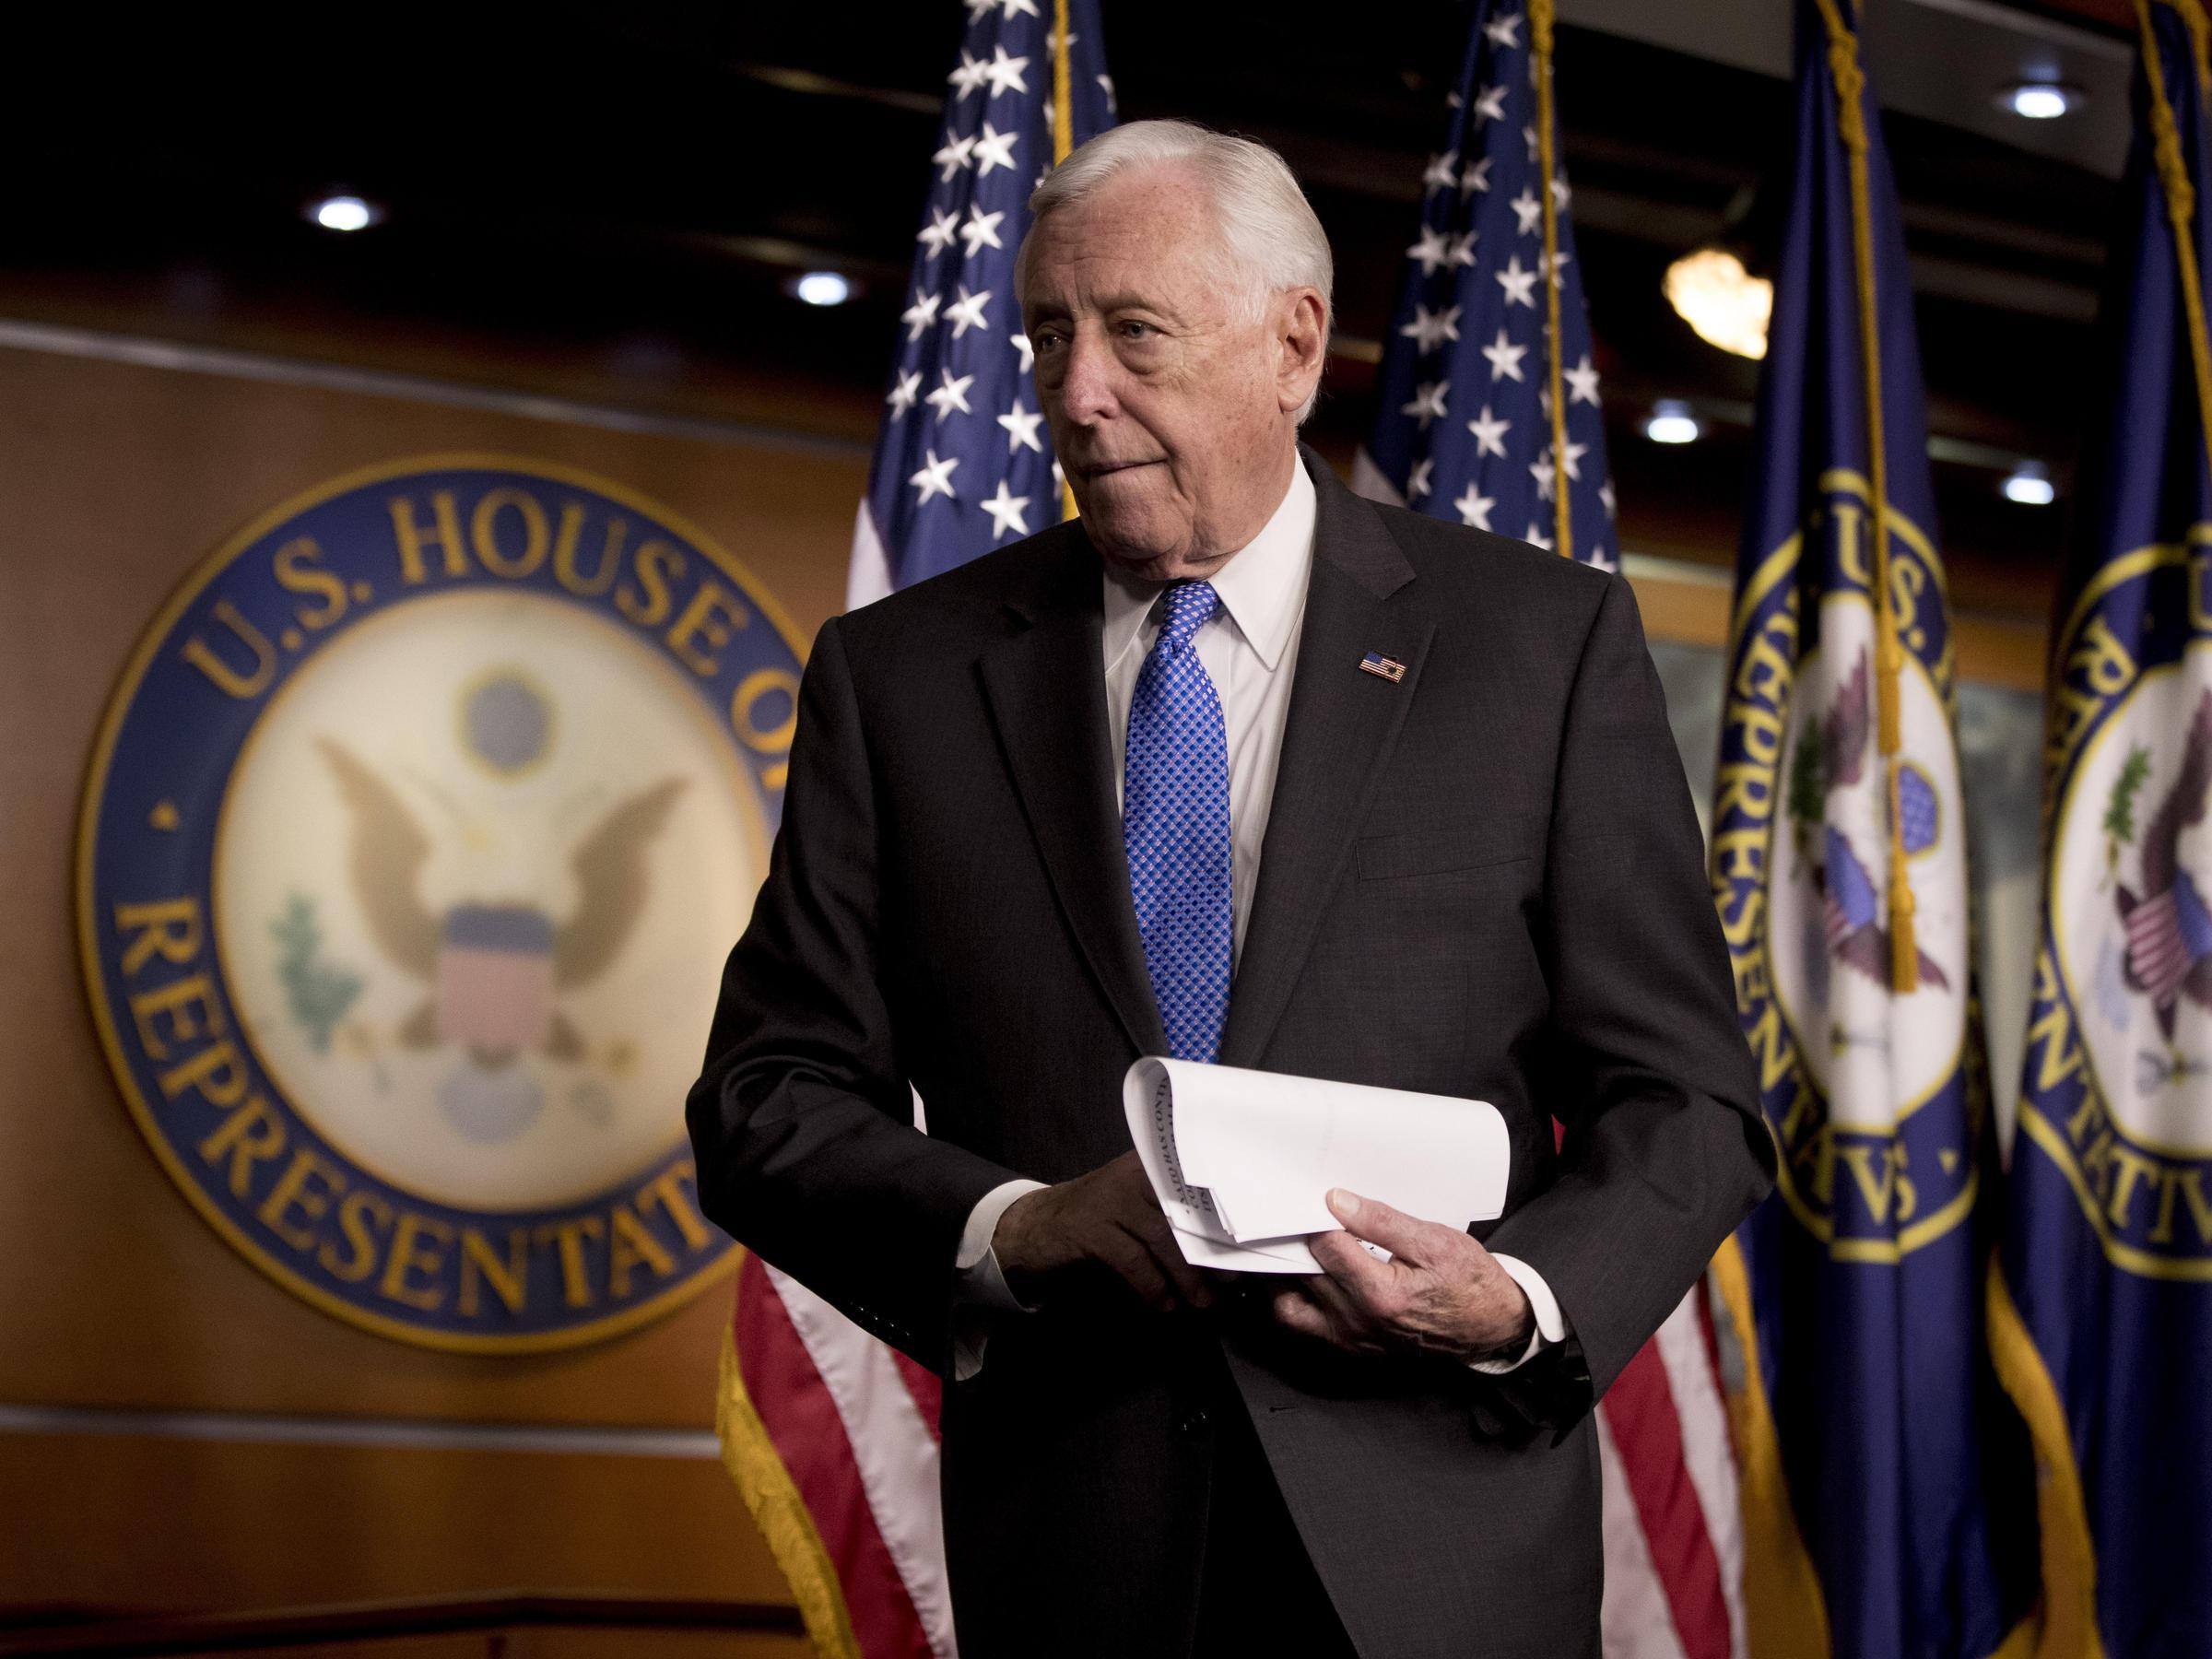 Các chính trị gia đề nghị nhiều phương pháp cải tổ Quốc hội